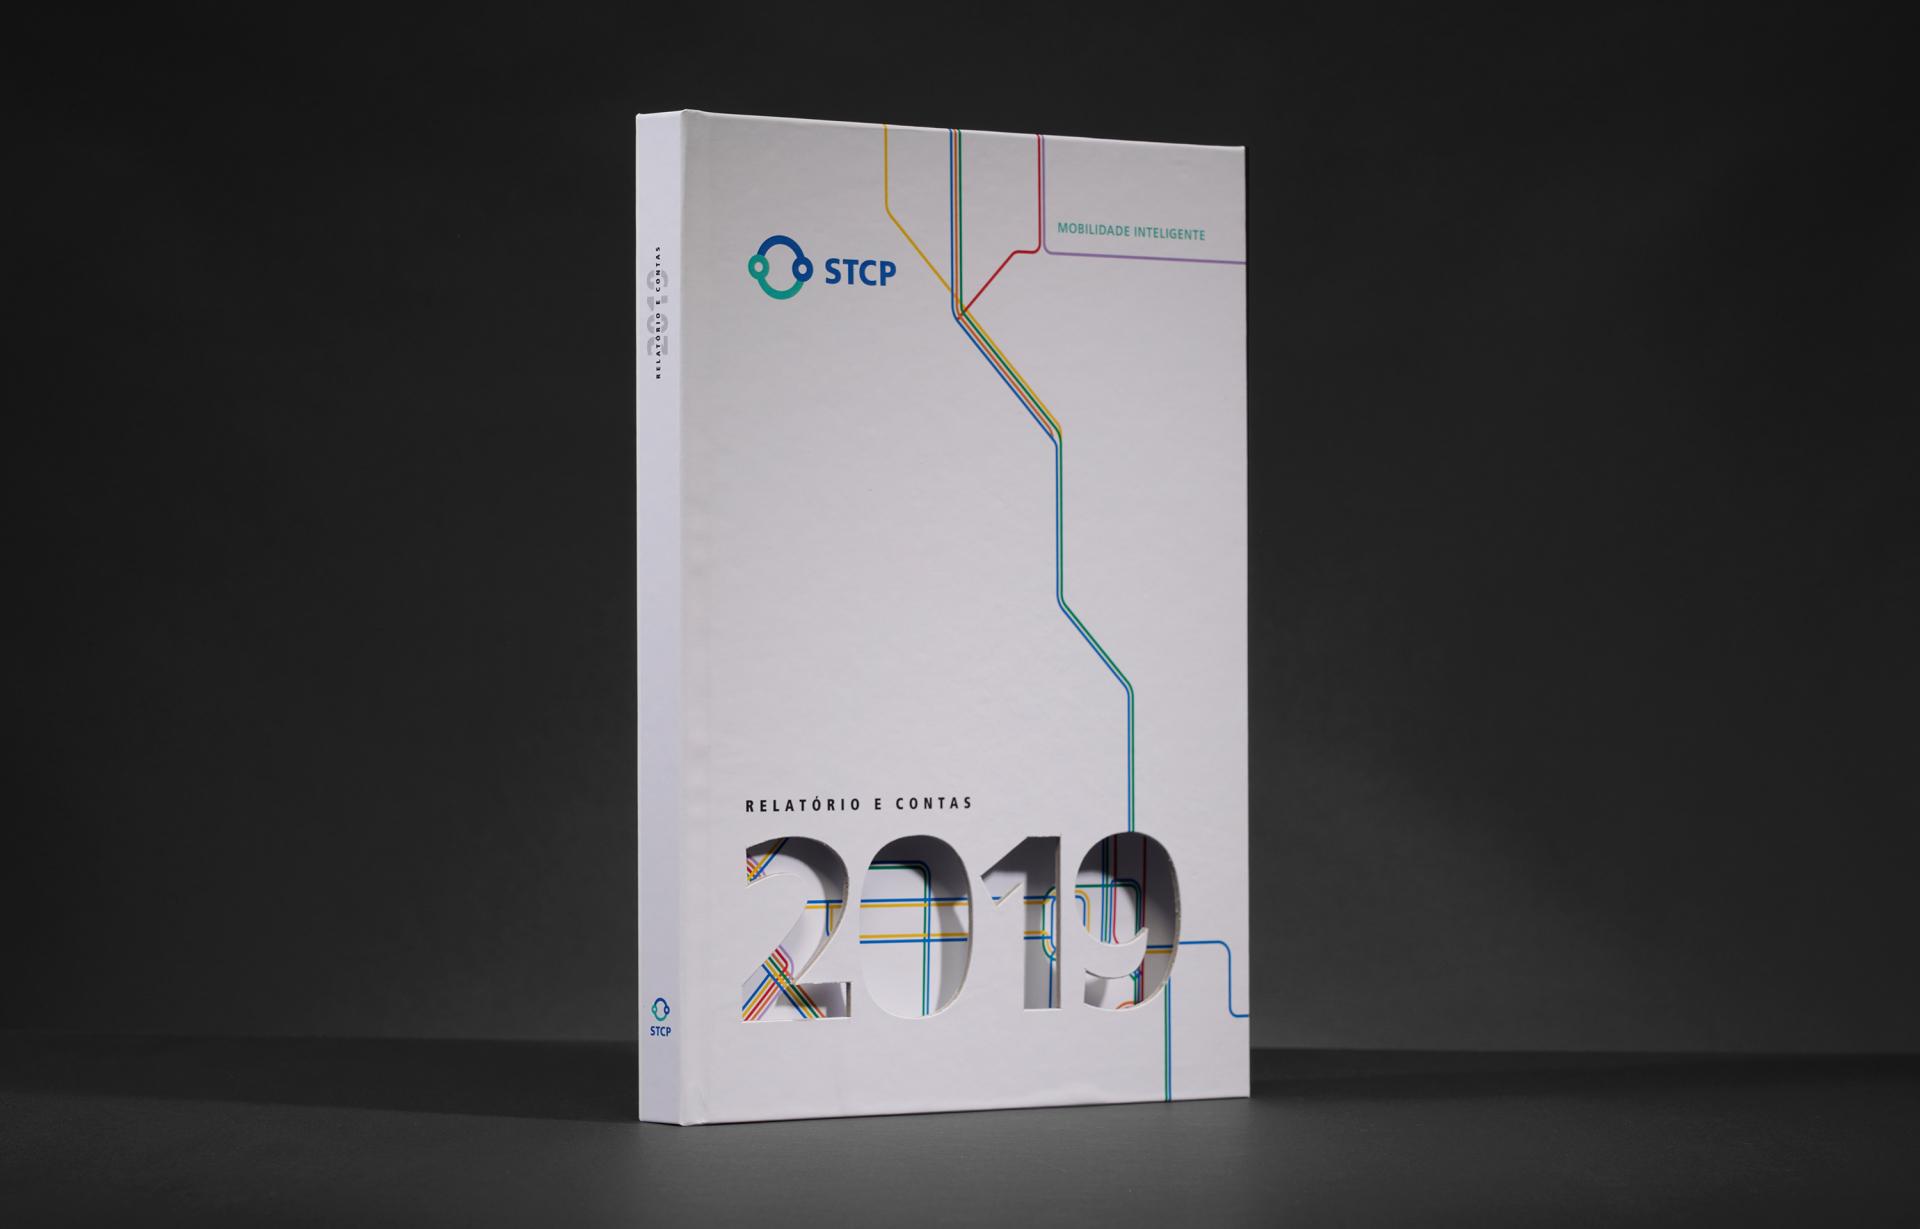 relatorio-e-contas-design-editorial